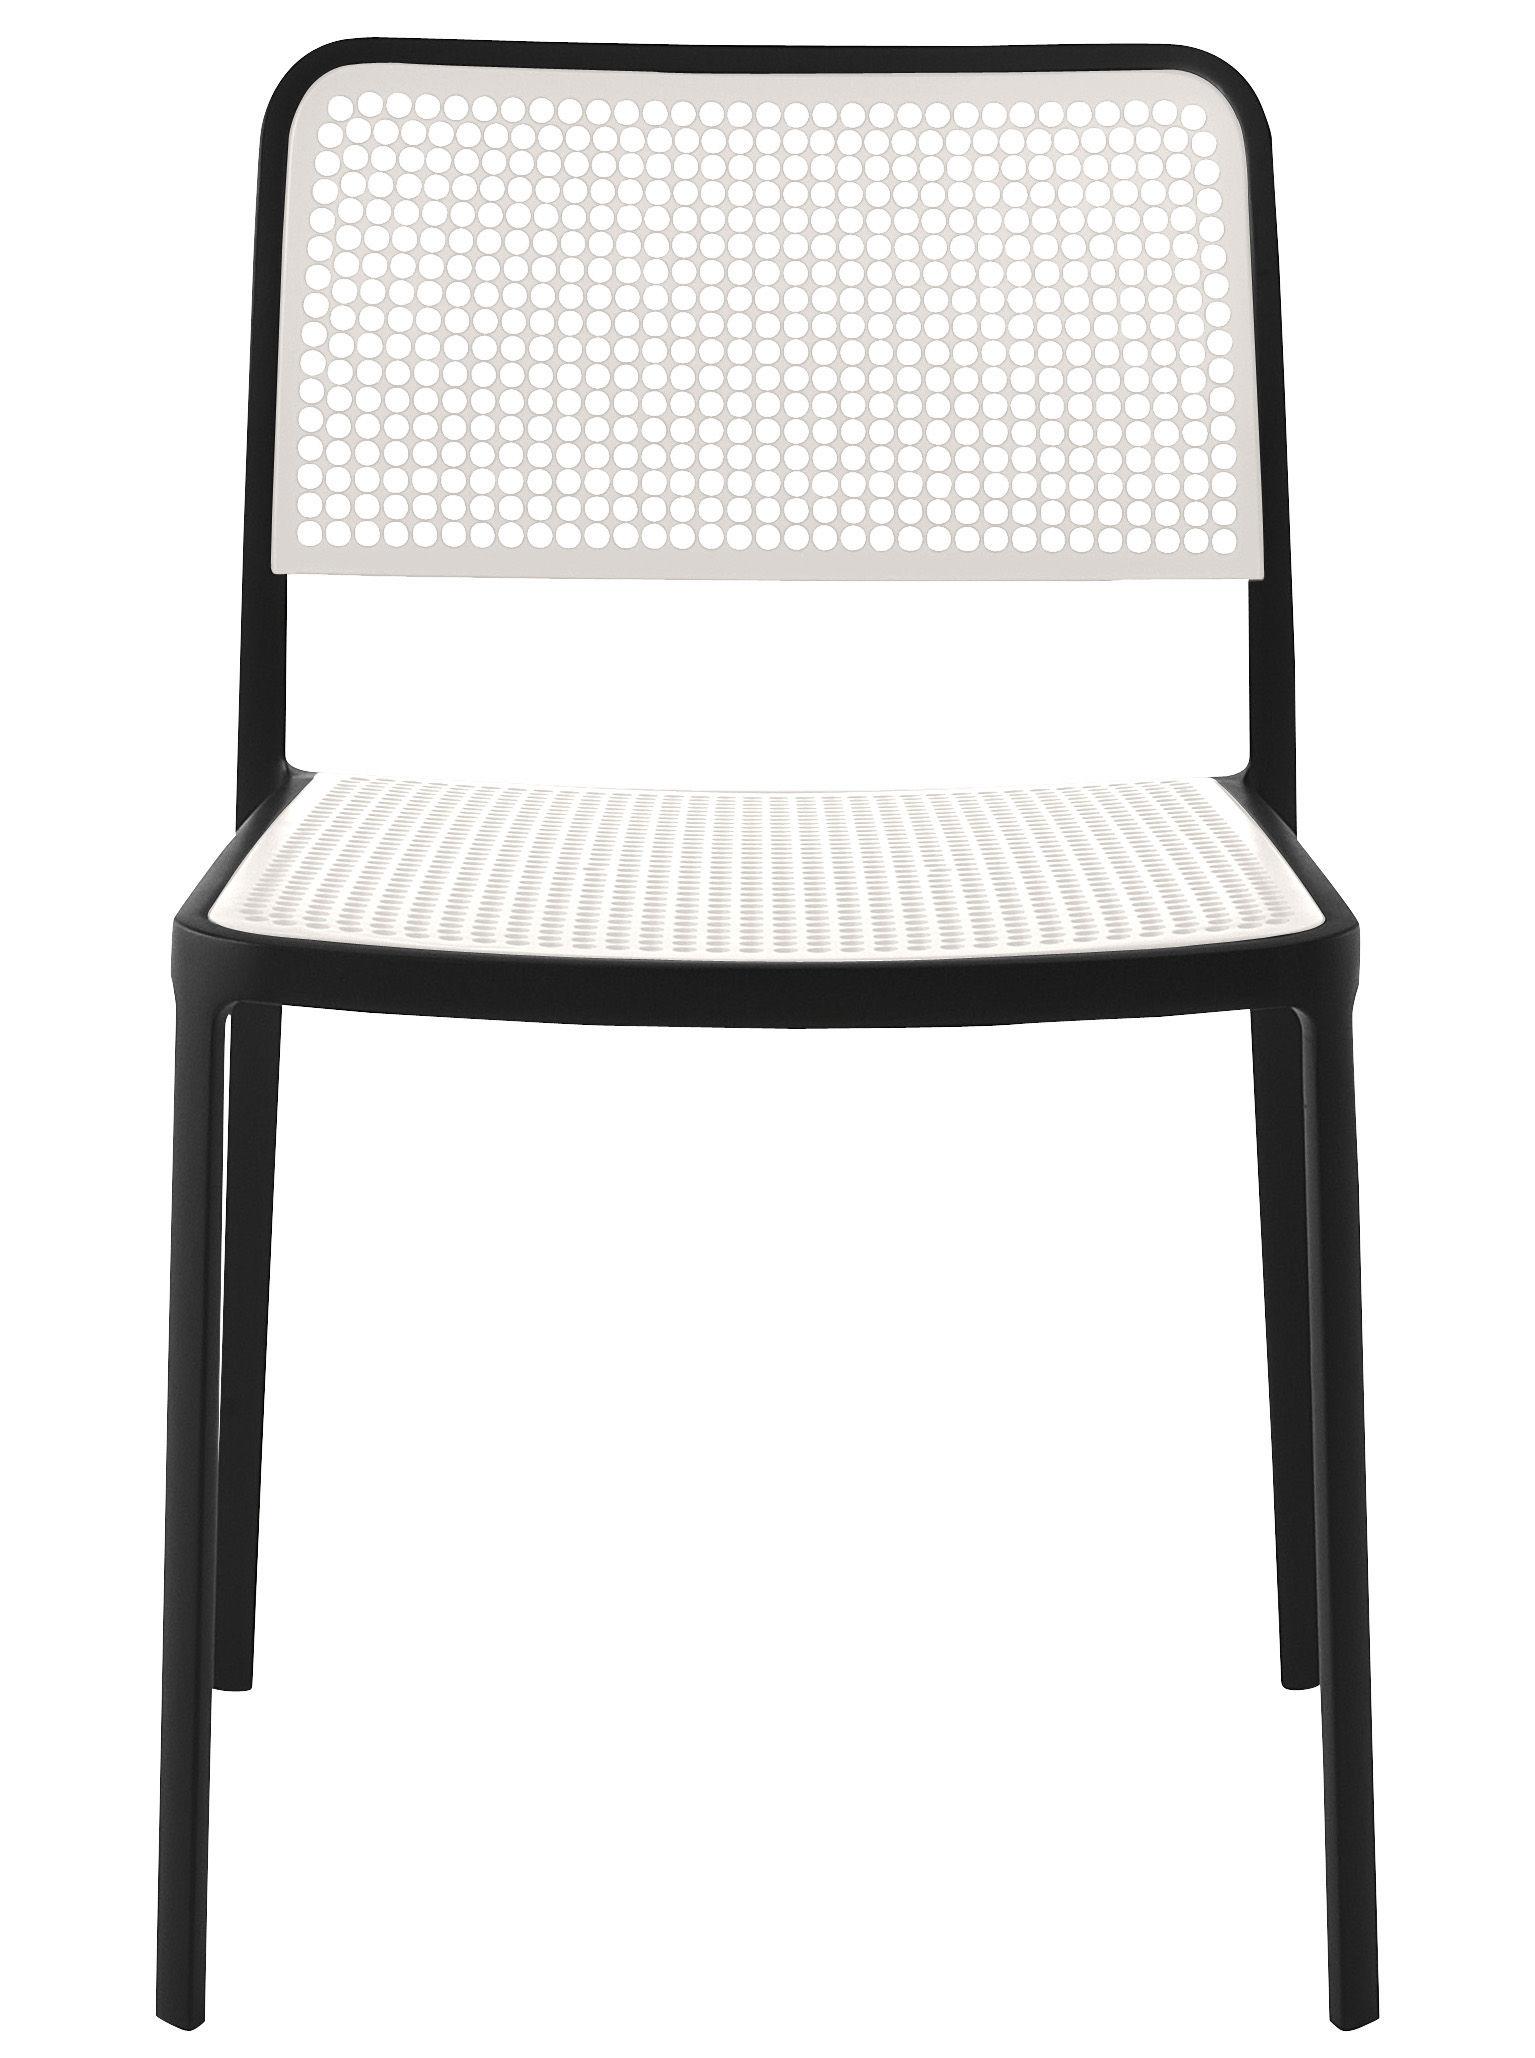 Arredamento - Sedie  - Sedia impilabile Audrey di Kartell - Struttura nera / Seduta e schienali bianchi - Alluminio laccato, Polipropilene